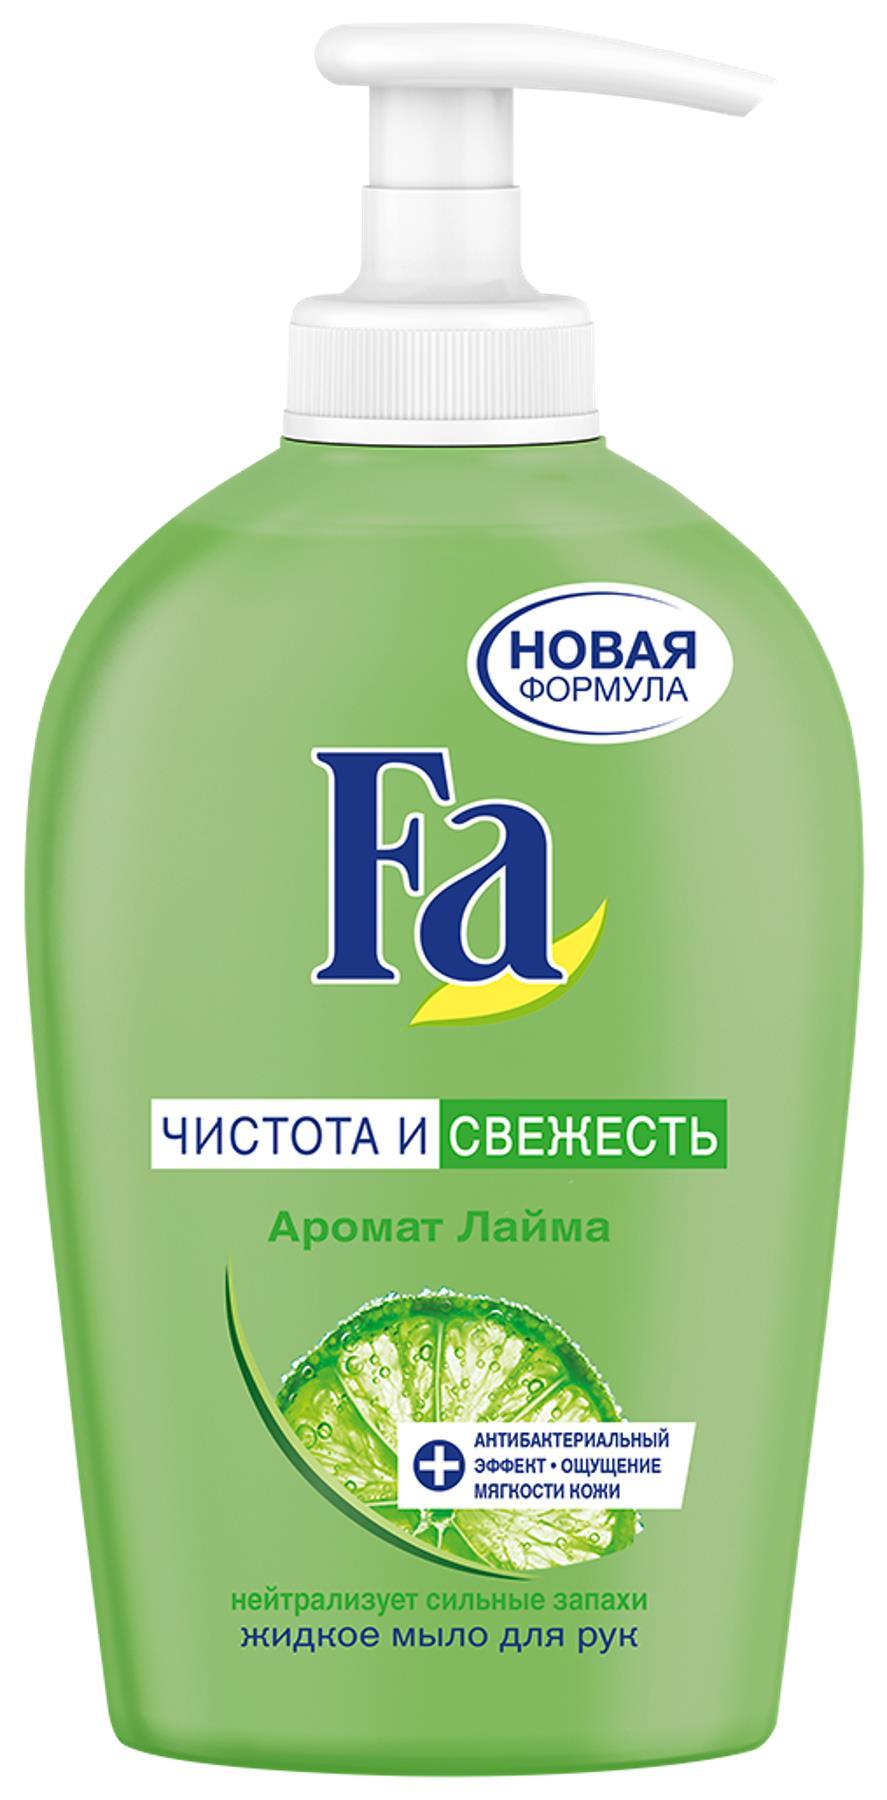 Fa Жидкое мыло Чистота и Свежесть Лайм, 250 мл2047385/1959214/1870909/1721477Откройте для себя ощущение свежести кожи с жидким мылом Fa Чистота и Свежесть . Формула с антибактериальным эффектом до 4-х часов помогает устранить бактерии с кожи рук. Нейтрализует неприятный запах (например, после приготовления рыбы, лука, чеснока), не сушит кожу и дарит свежий аромат лайма. • pH-нейтральный • Хорошая переносимость кожей • Протестировано дерматологами